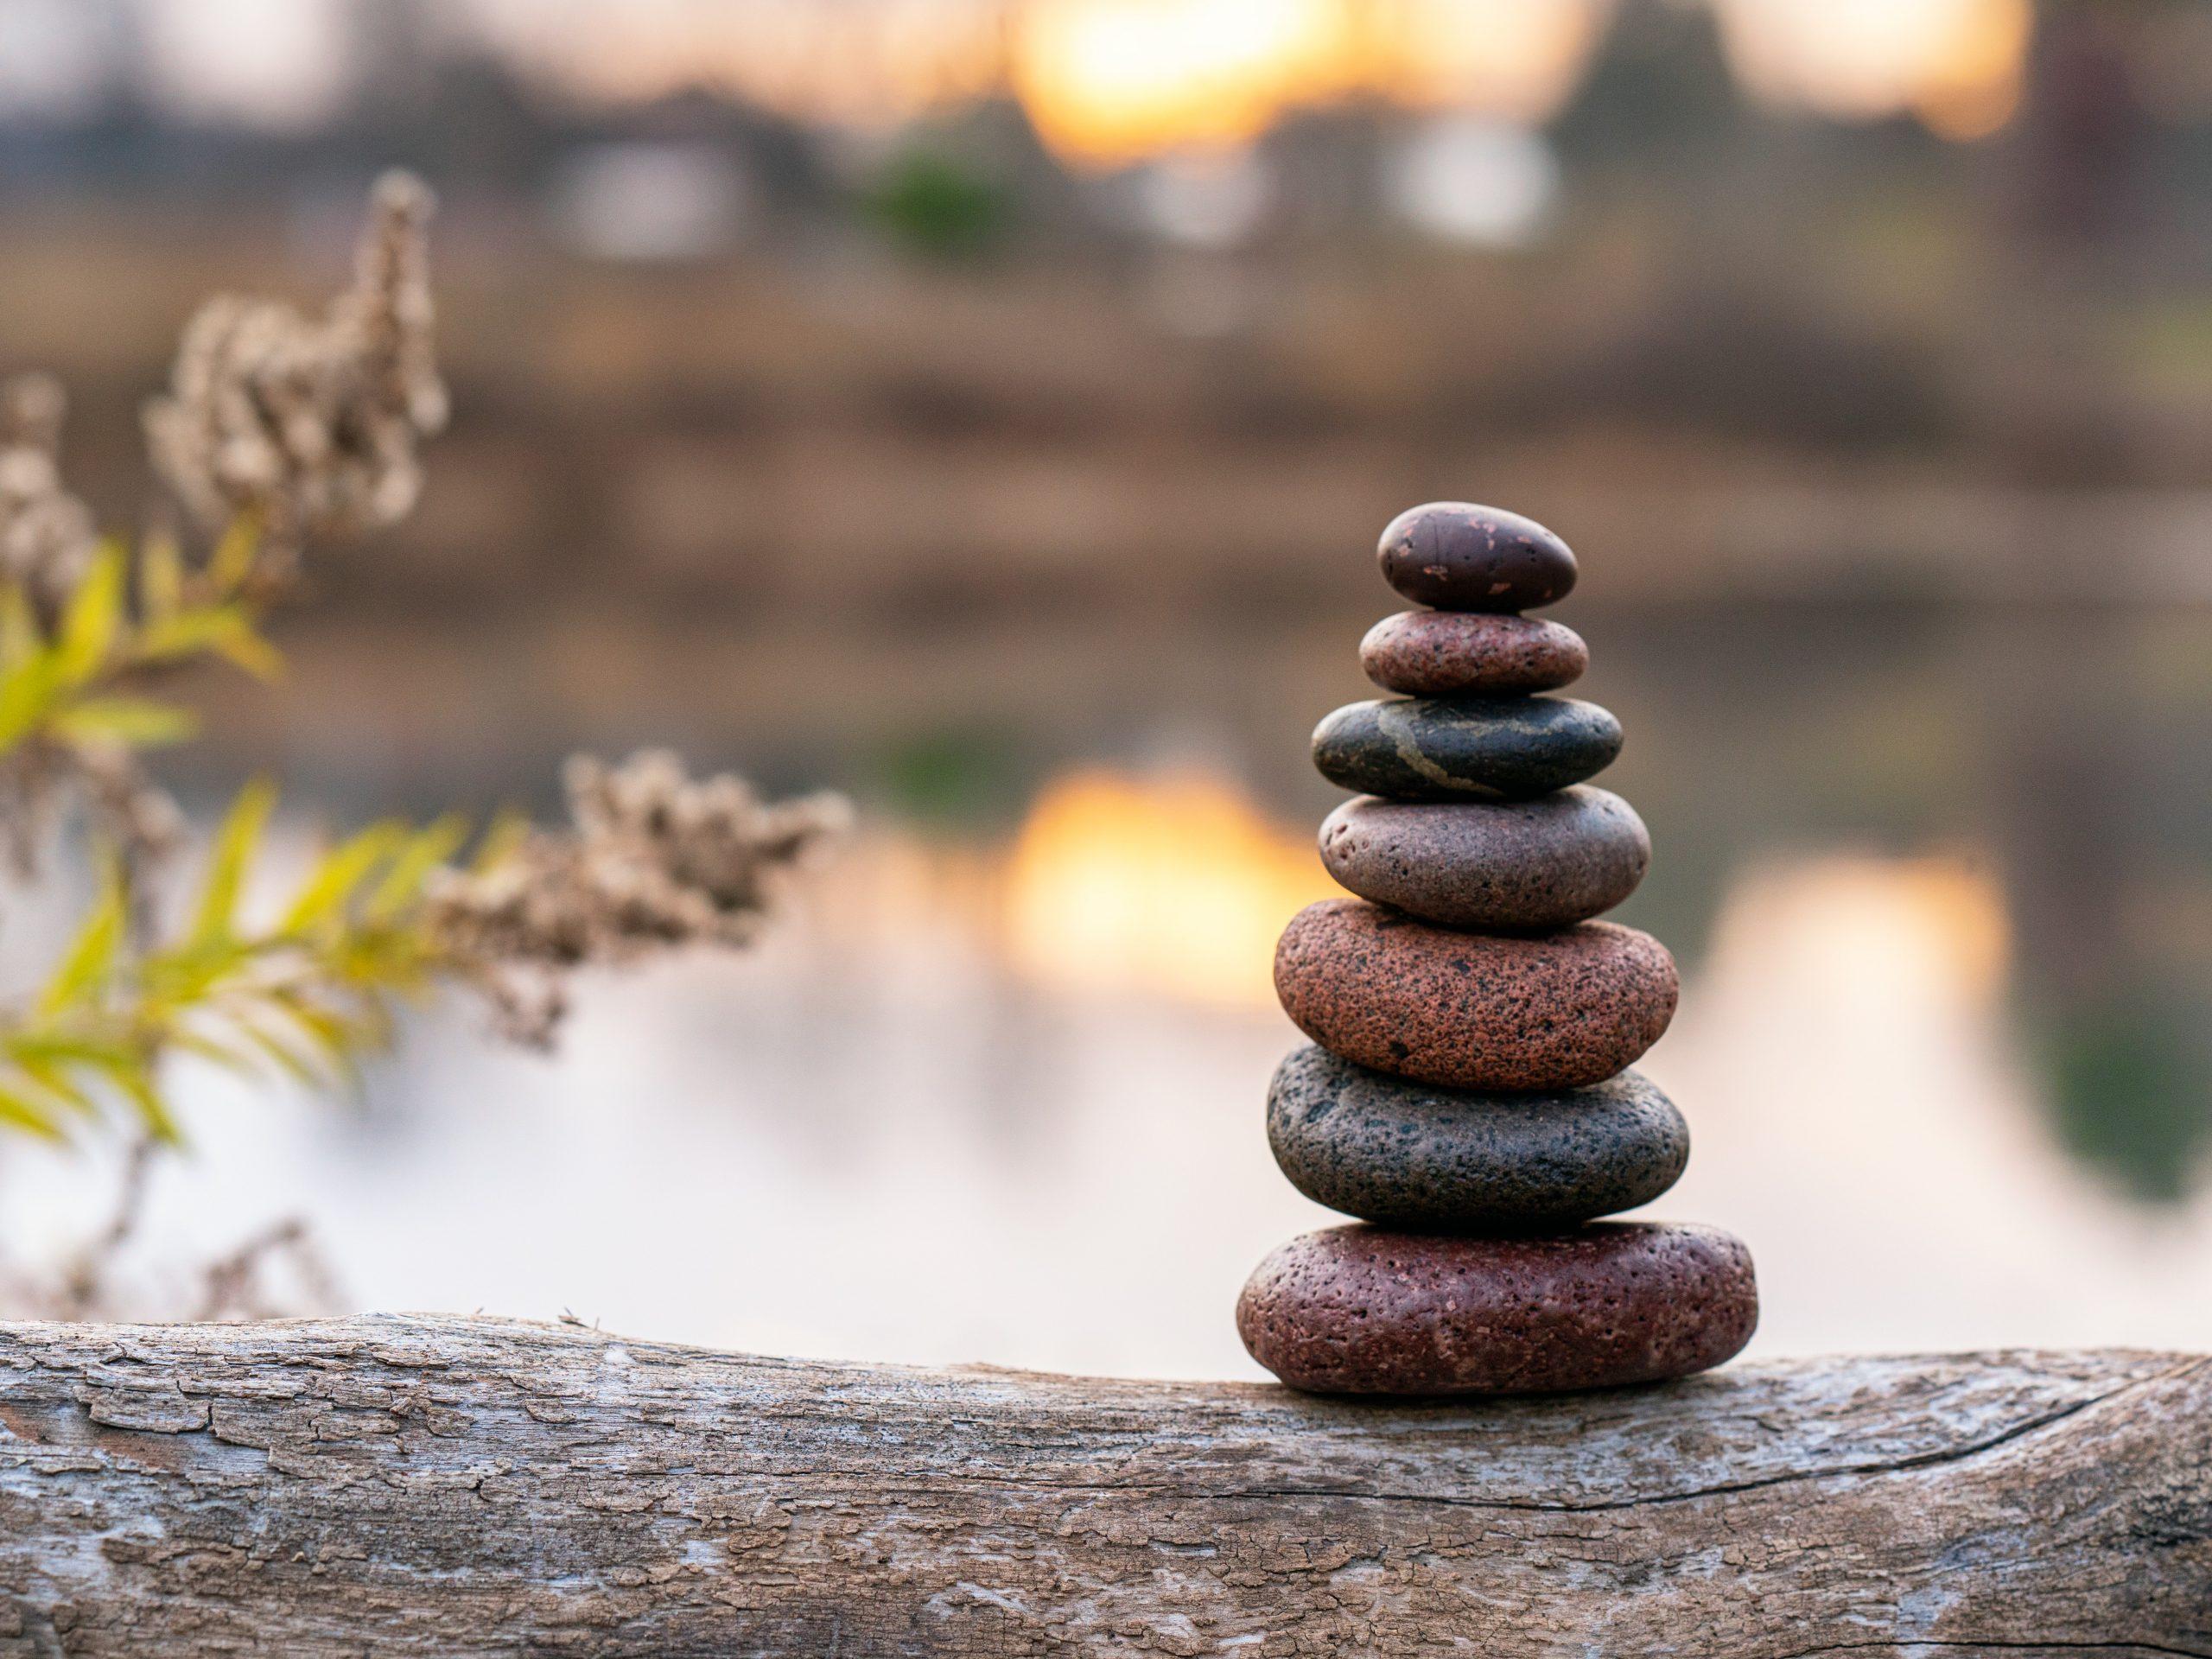 Je vous propose une carte vous donnant accès à 11 massages dans l'année, en tarif réduit : 700€ pour 11 séances d'1h. La sérénité pour une année entière!!